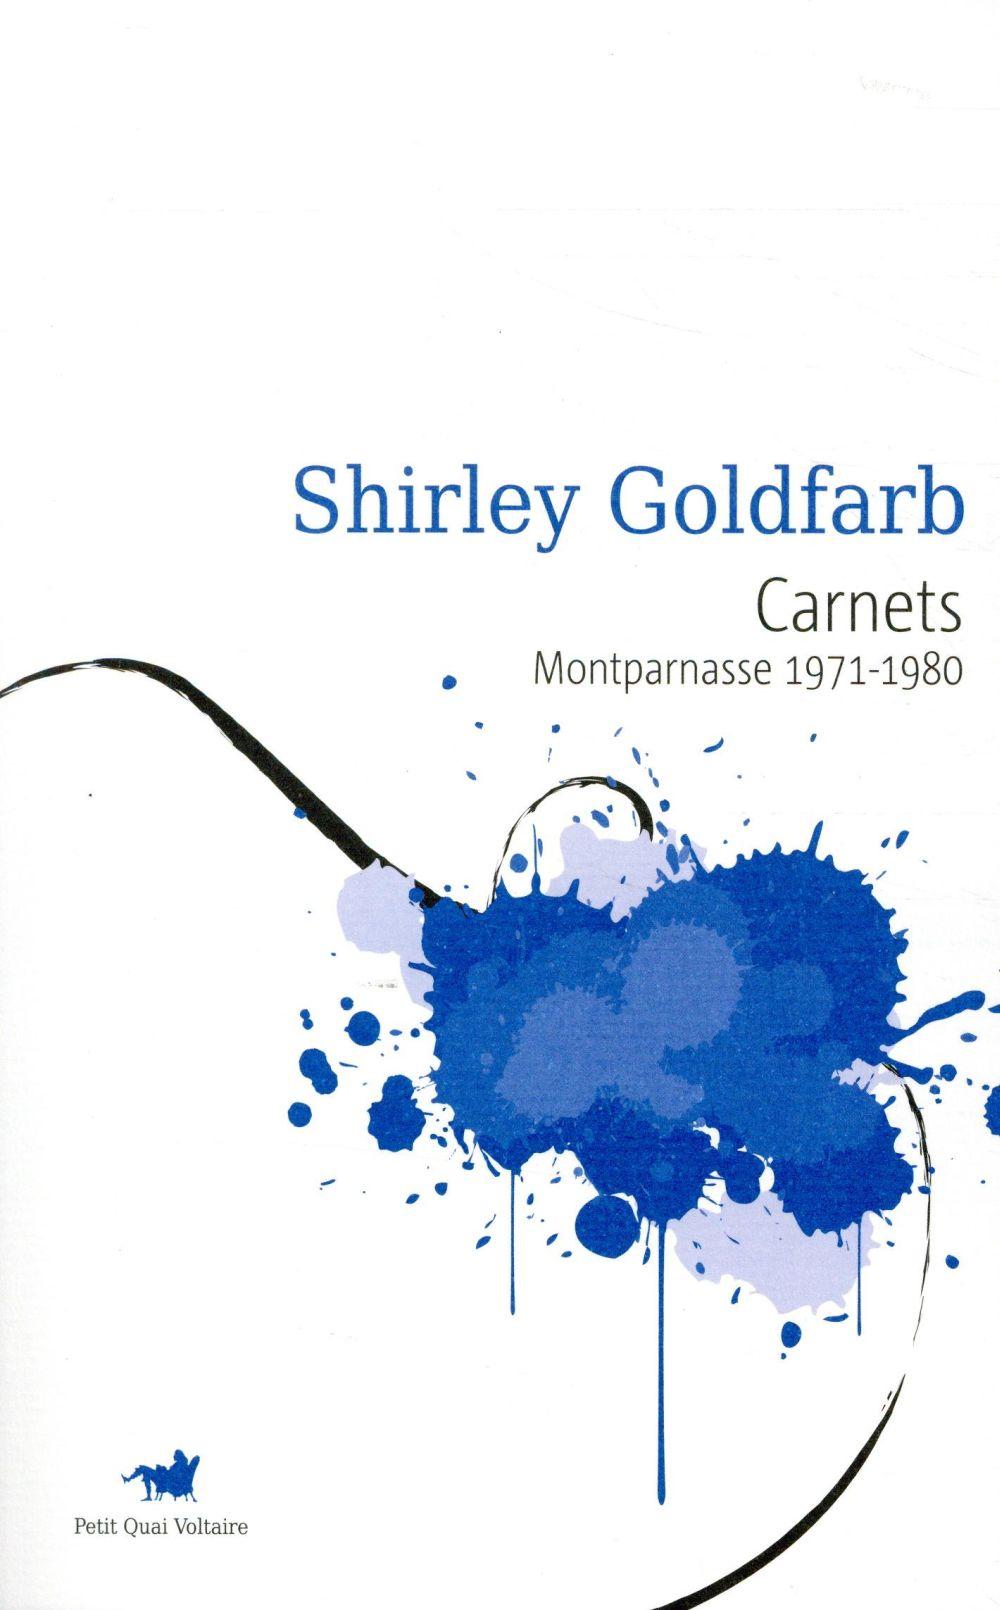 Carnets Montparnasse 1971-1980